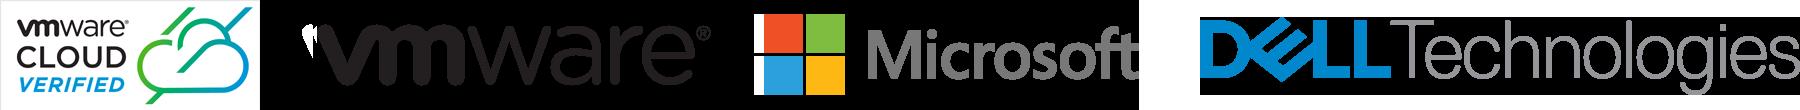 vmware Cloud verified | vmware | microsoft | Dell Technologies